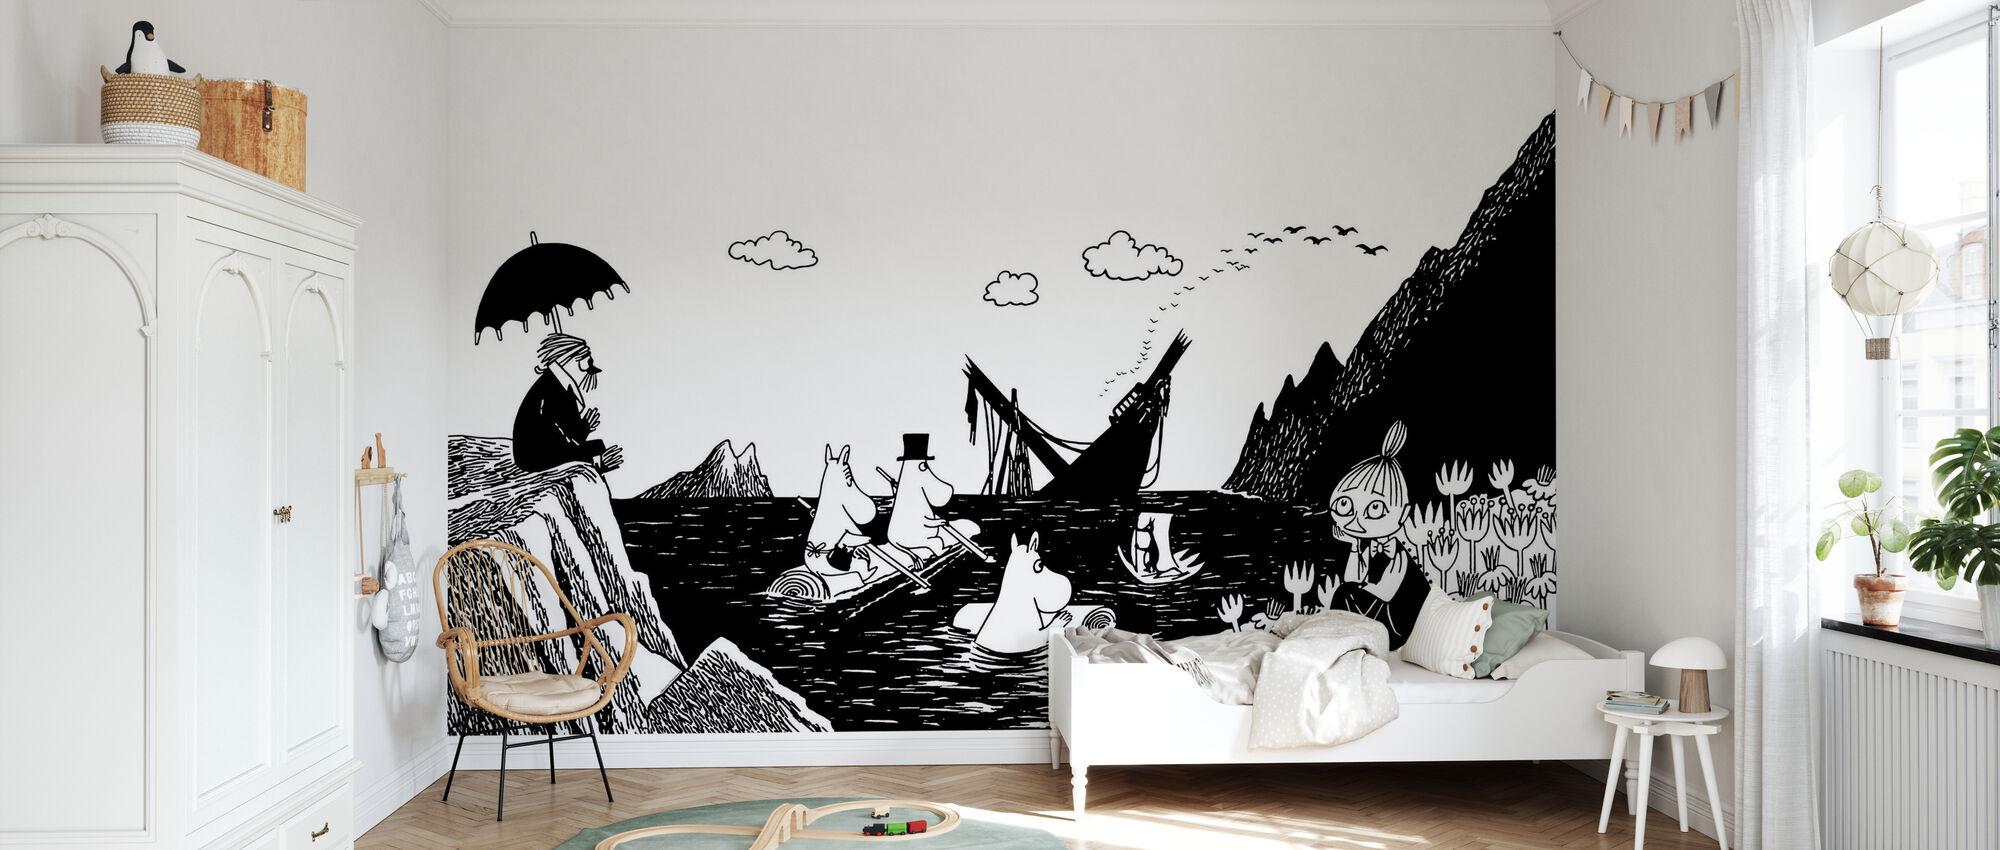 Moomin - Snorkmaagd in een boot - Behang - Kinderkamer